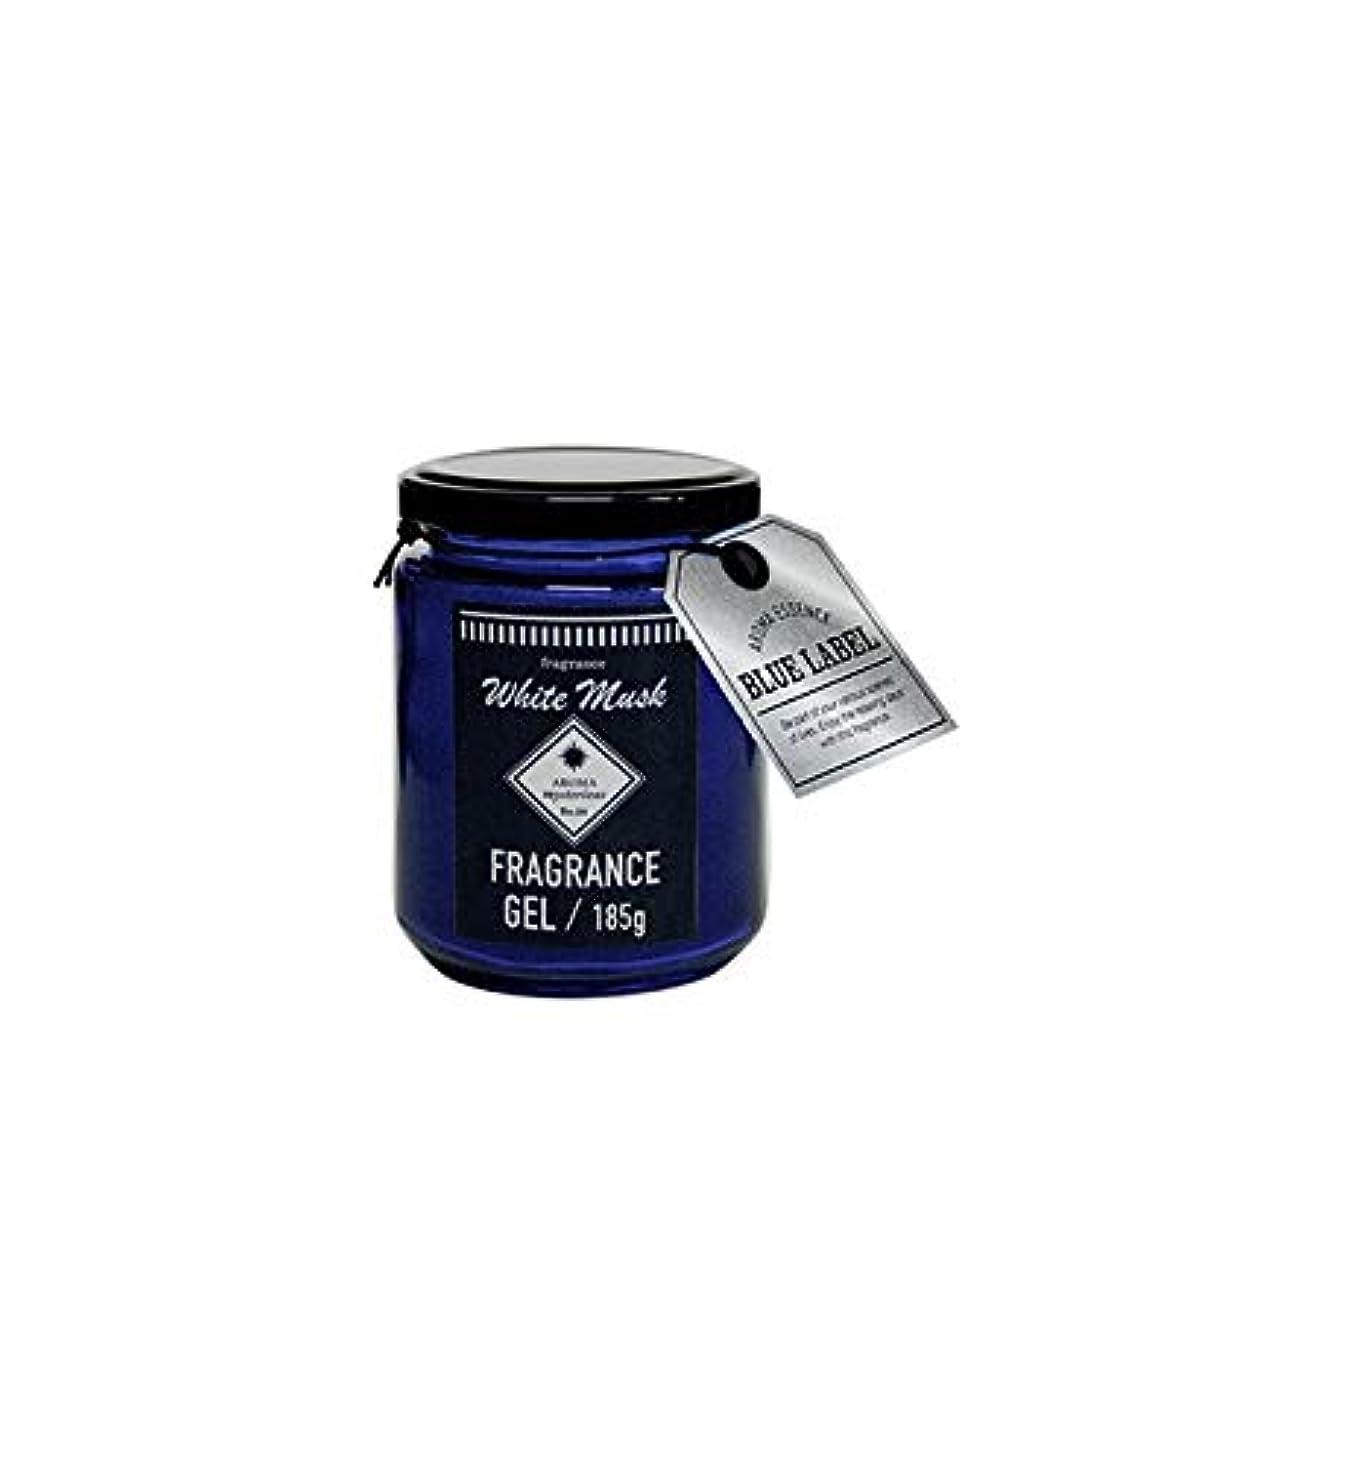 ピーク強風異常ブルーラベル ブルー フレグランスジェル185g ホワイトムスク(消臭除菌 日本製 誰もが好む香り)